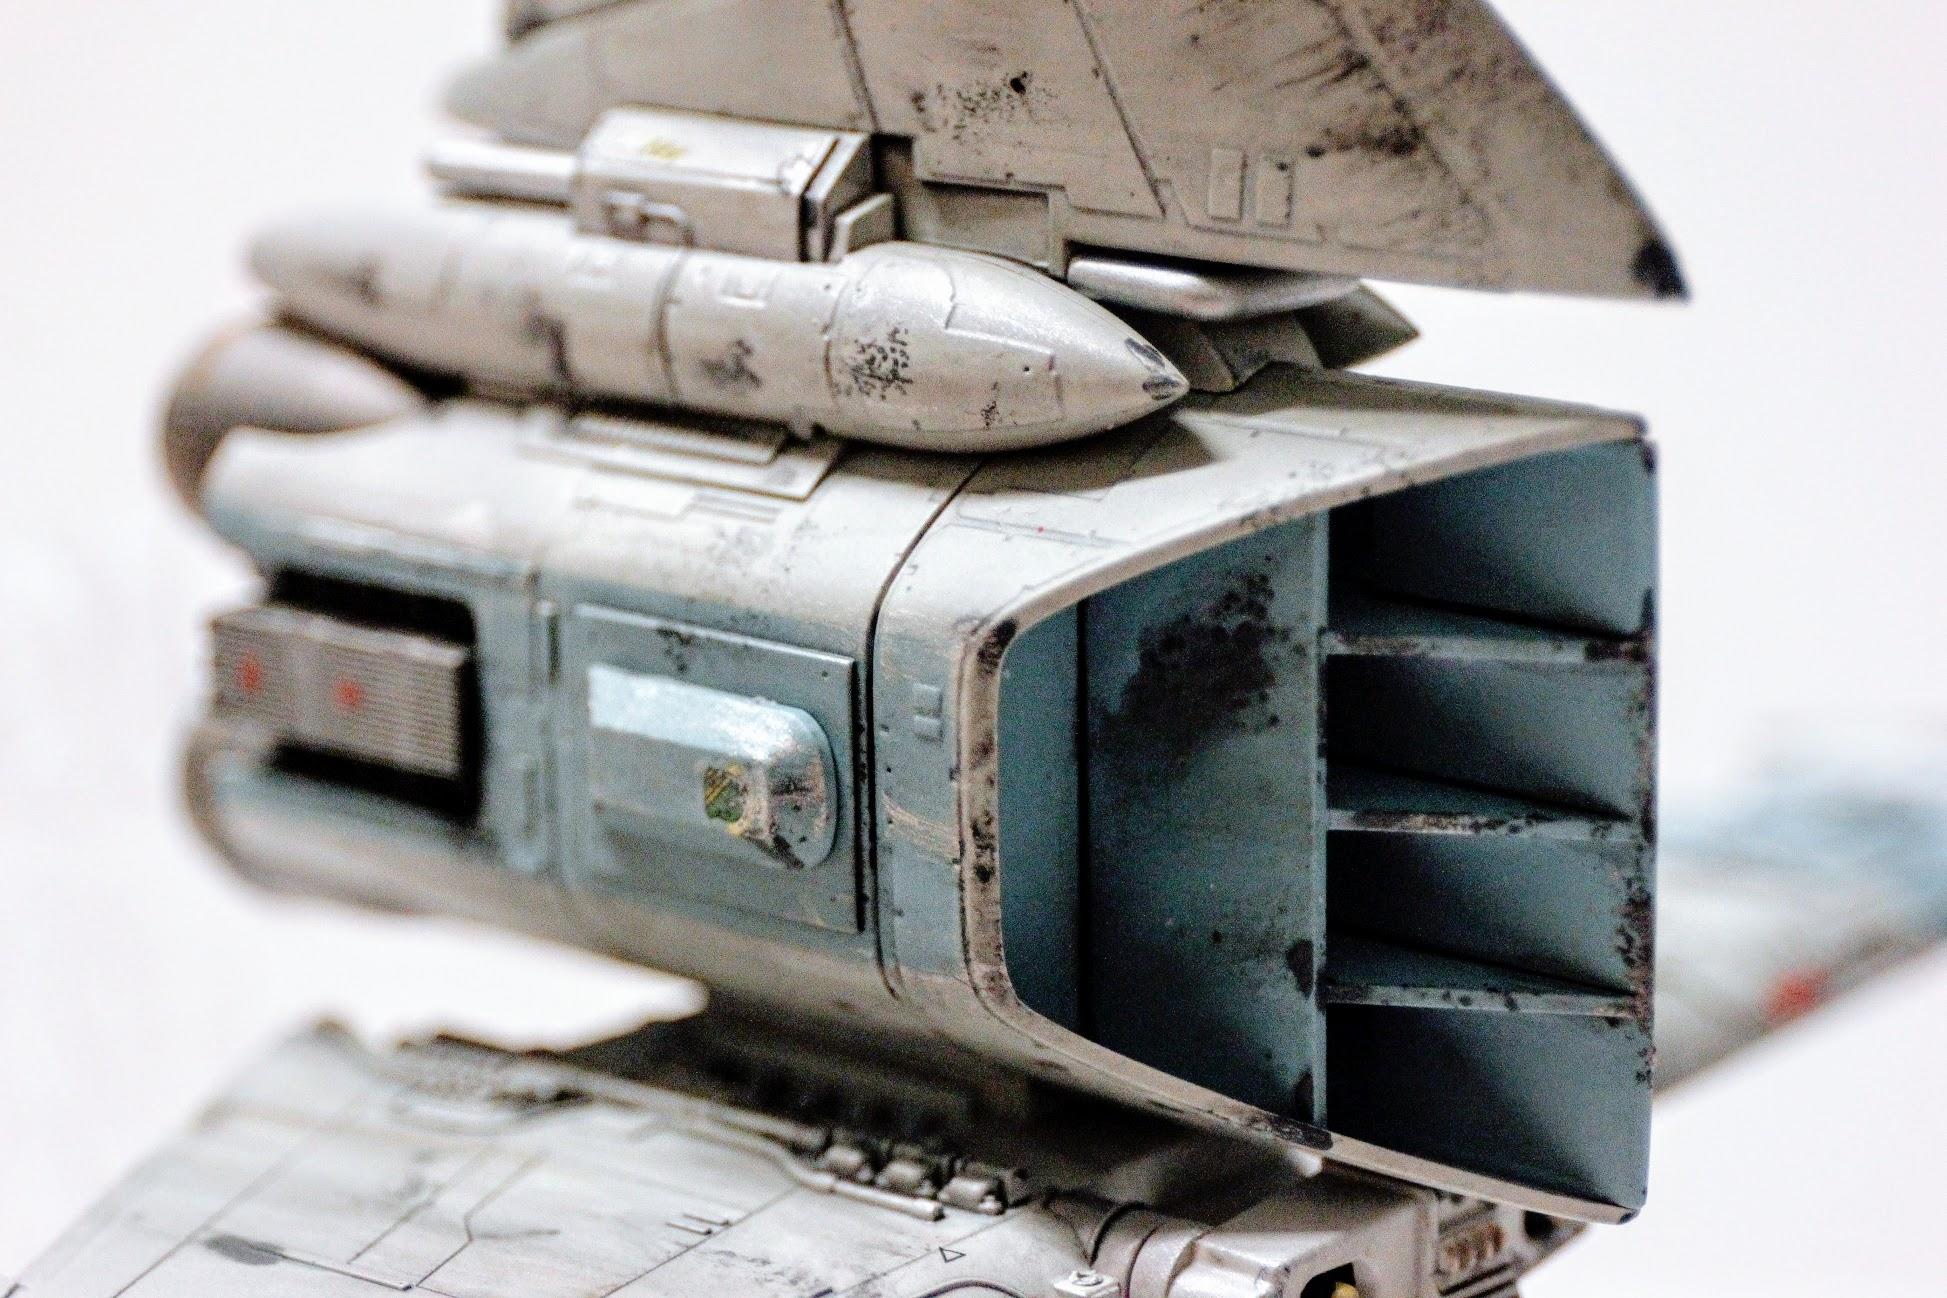 引擎部分,是不是,當多了一些髒污,更像在戰場上活躍的機體